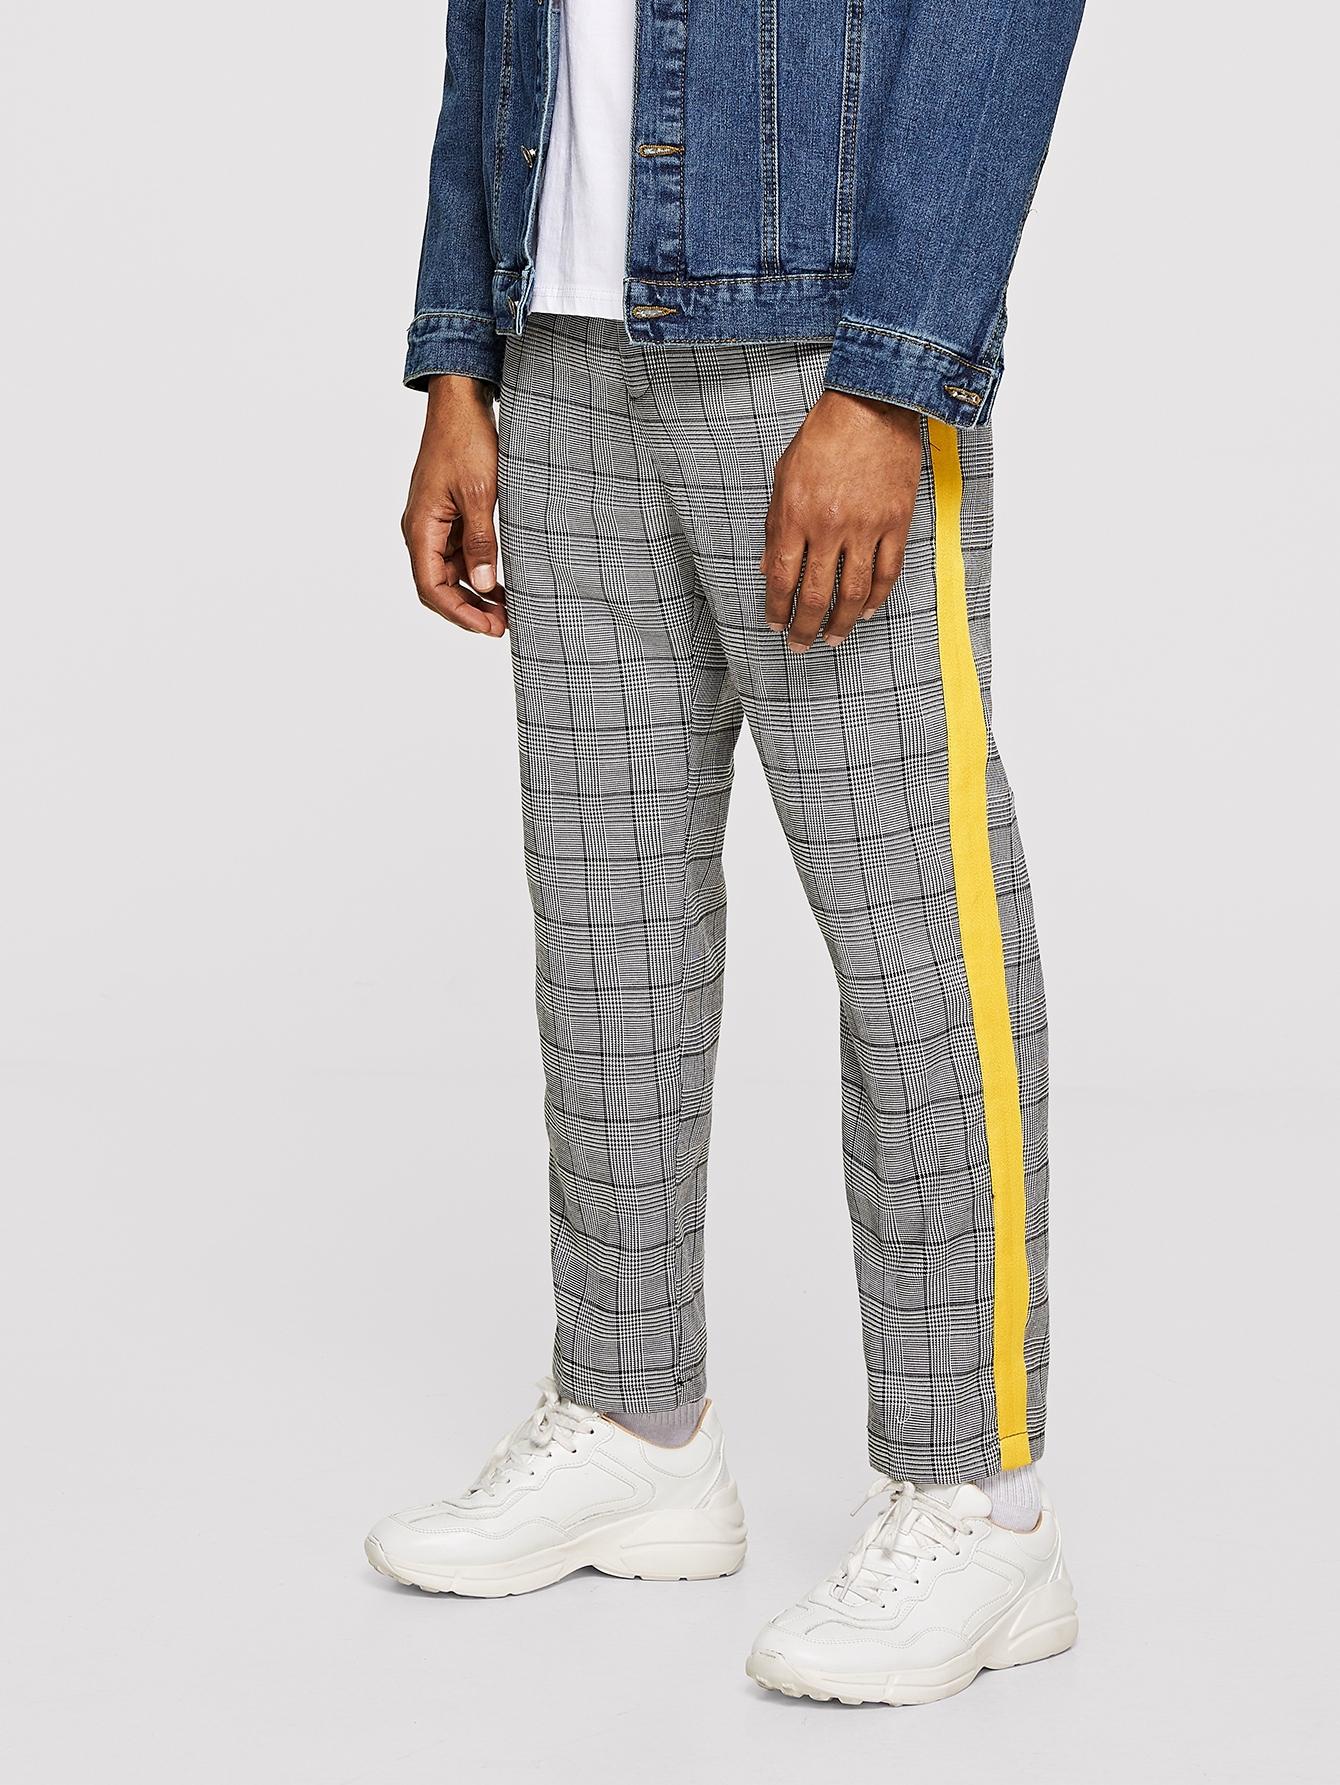 Купить Мужские брюки с контрастной отделкой в клетку, Johnn Silva, SheIn